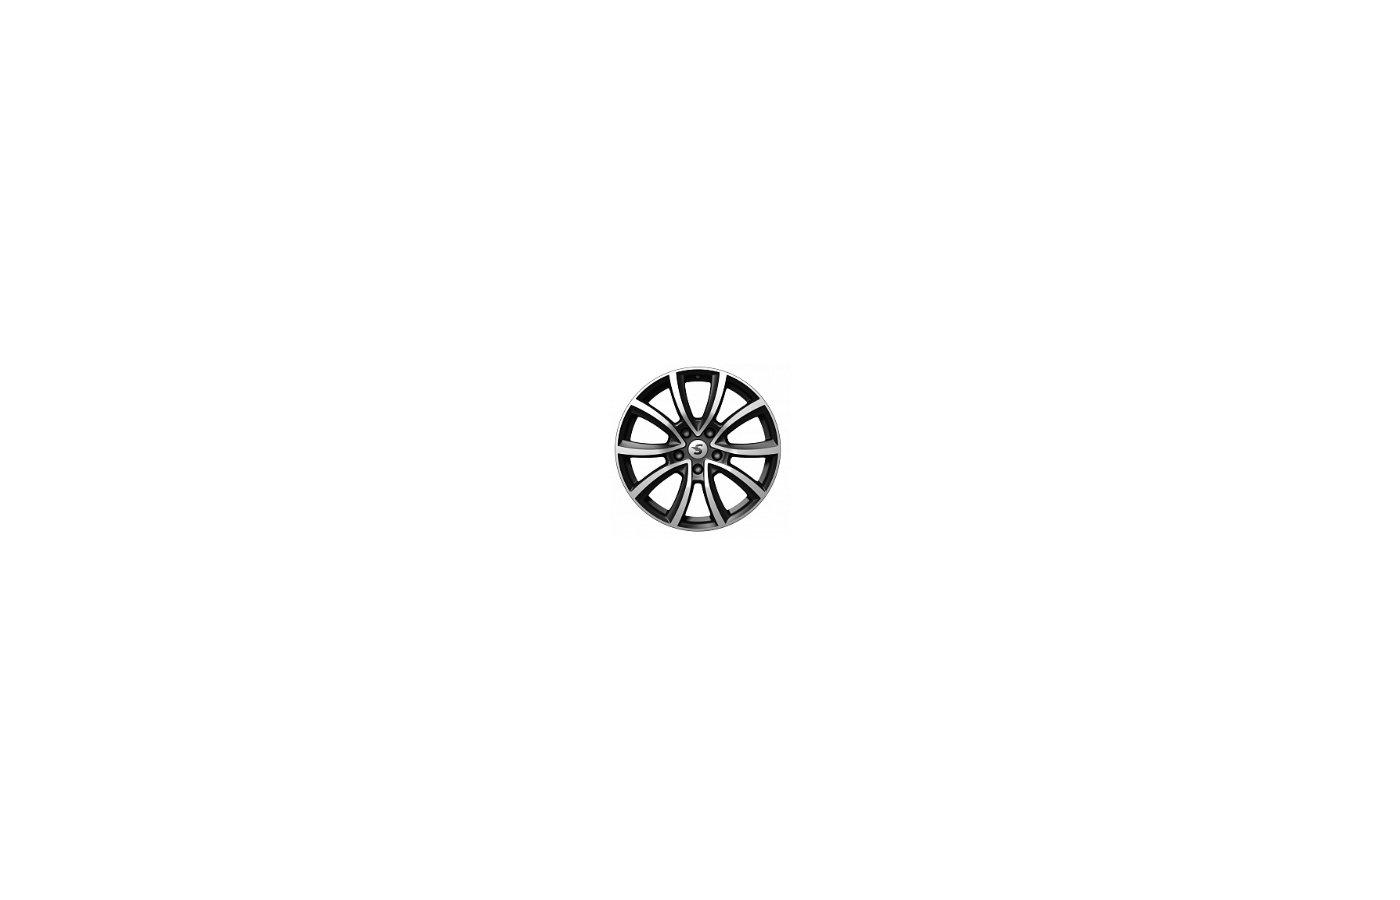 Диск Скад Онтарио 7x17/5x114.3 D67.1 ET35 Селена